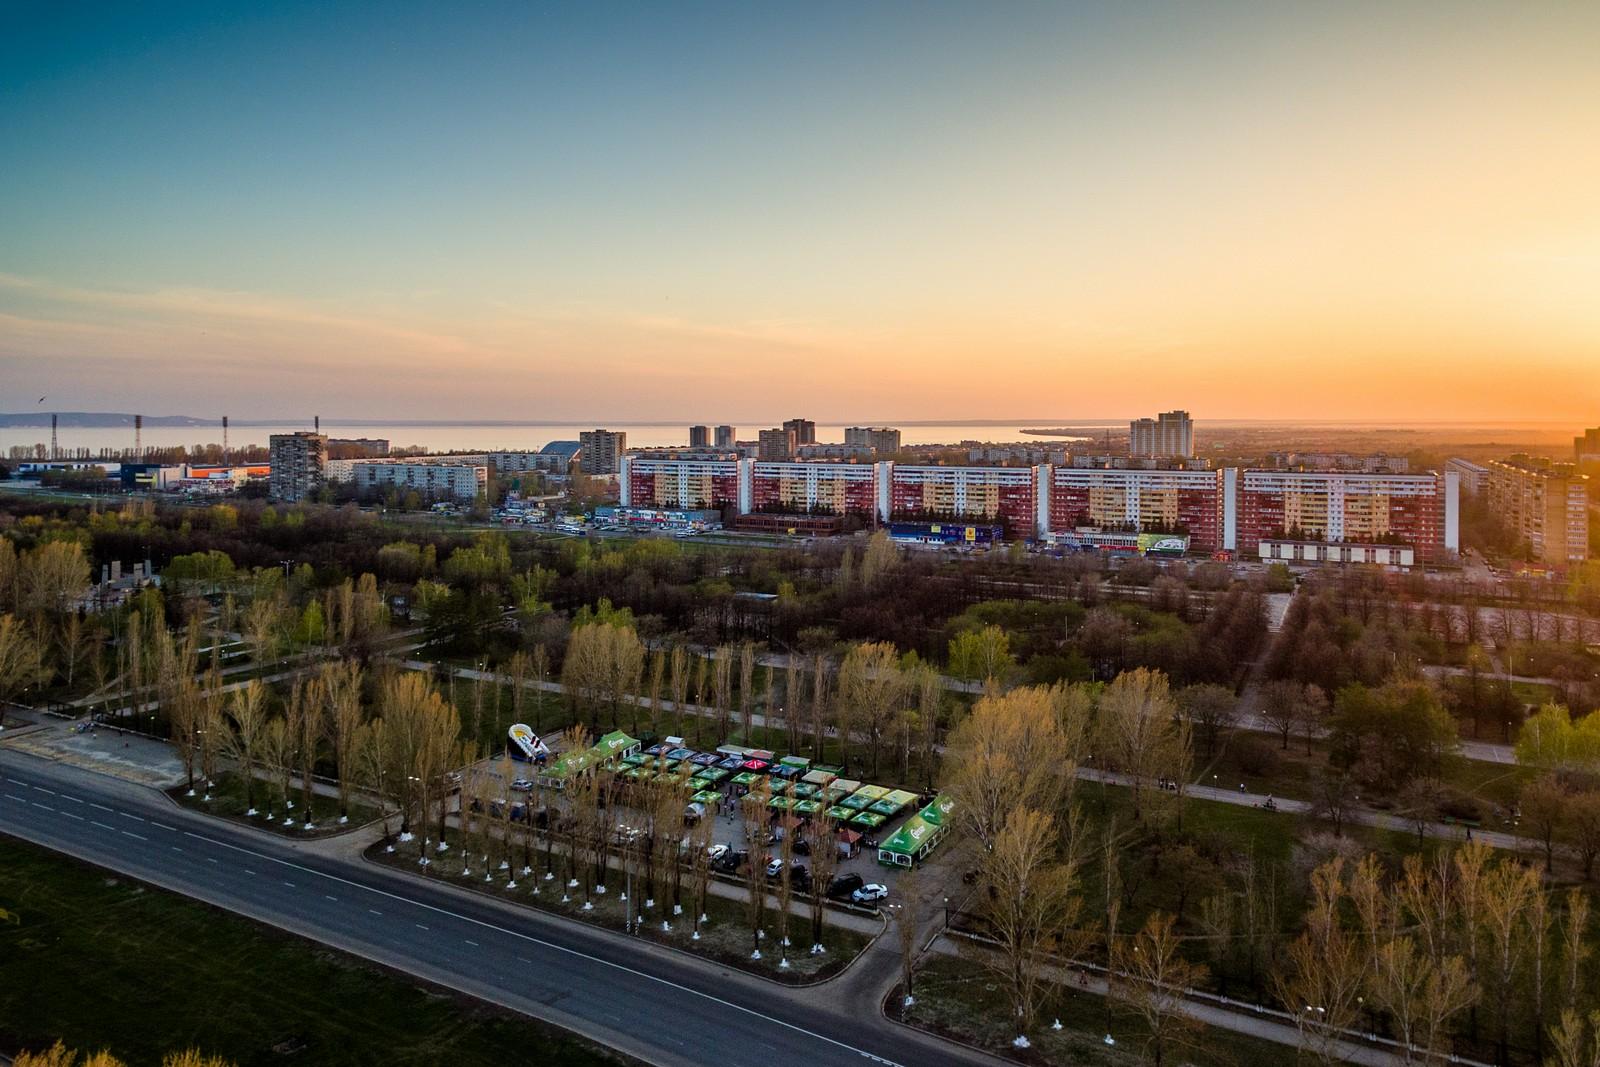 происходит смотреть фото города тольятти стол-книжка для маленькой